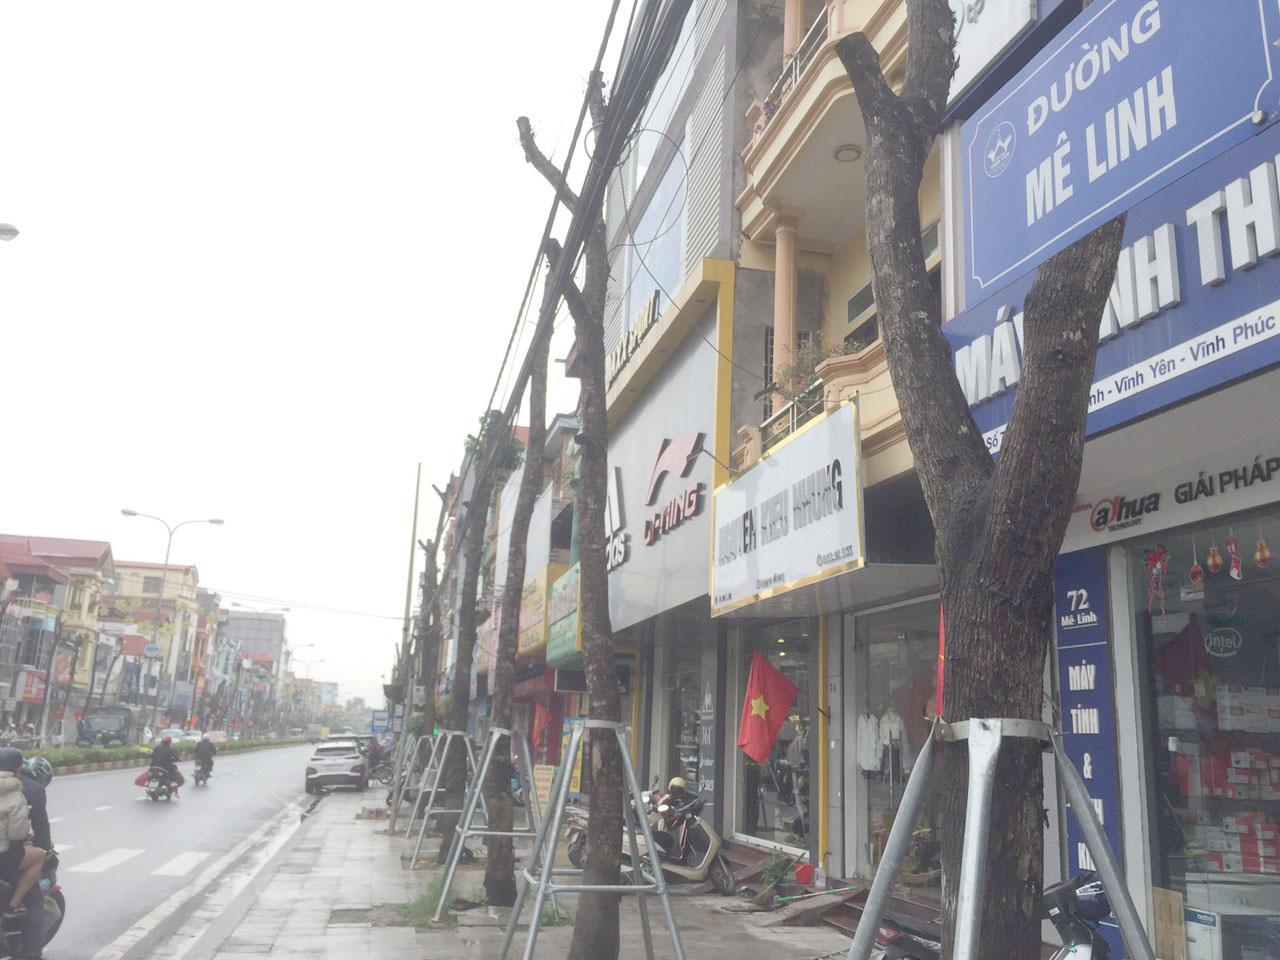 Vĩnh Phúc: La liệt cây xanh bị cụt ngọn, chết khô trên tuyến đường trung tâm thành phố - Ảnh 12.